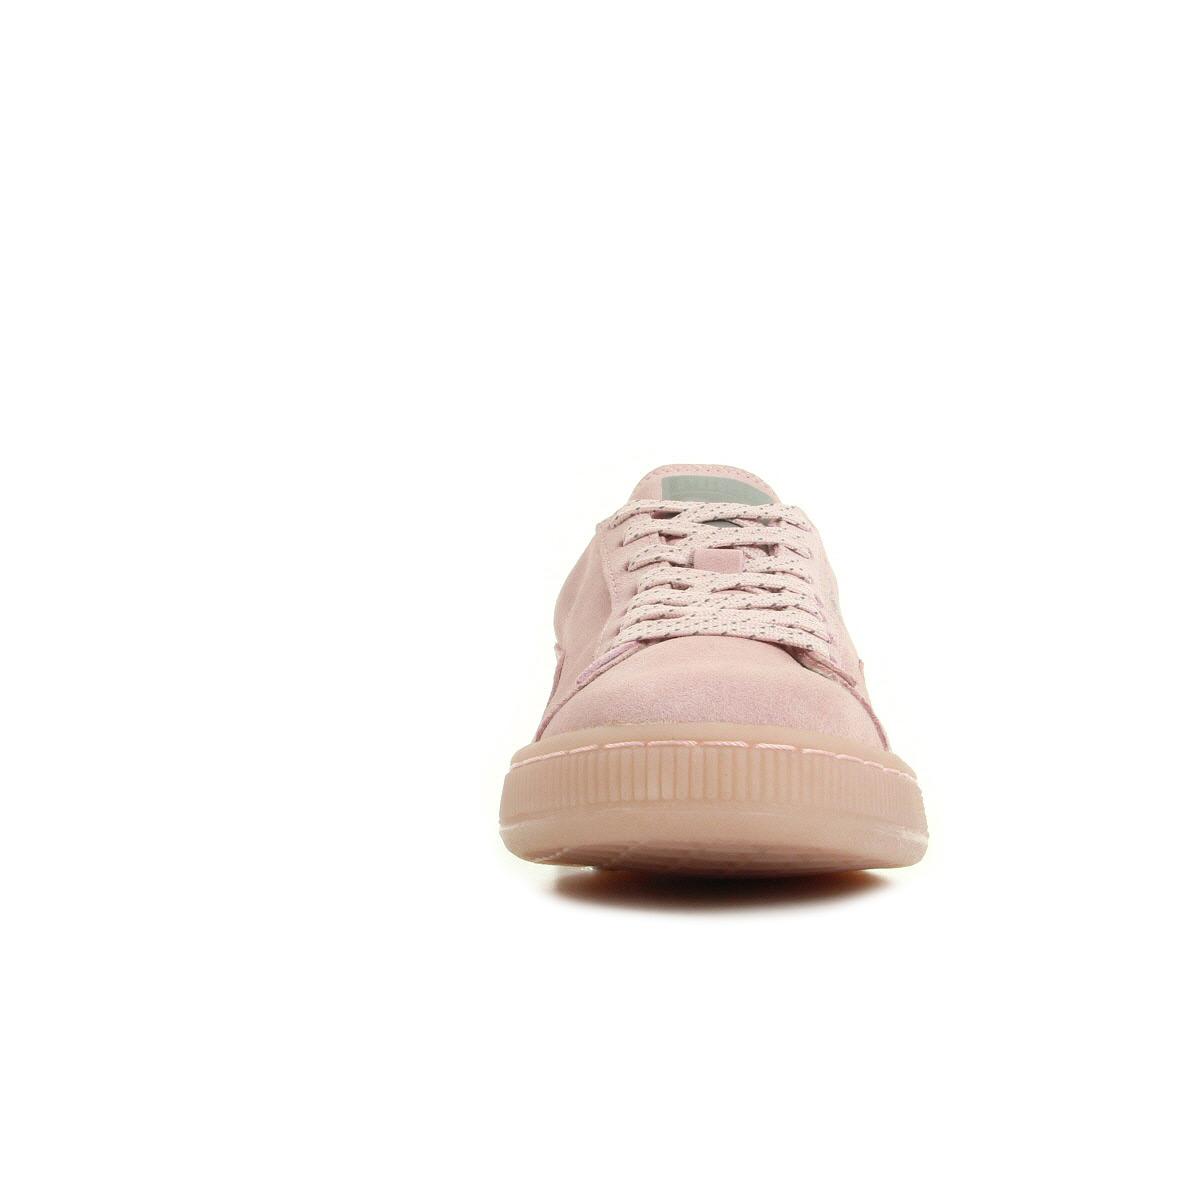 chaussures de séparation 8a9ab e302b Puma Suede Mono Ref Iced 36210107, Baskets mode femme